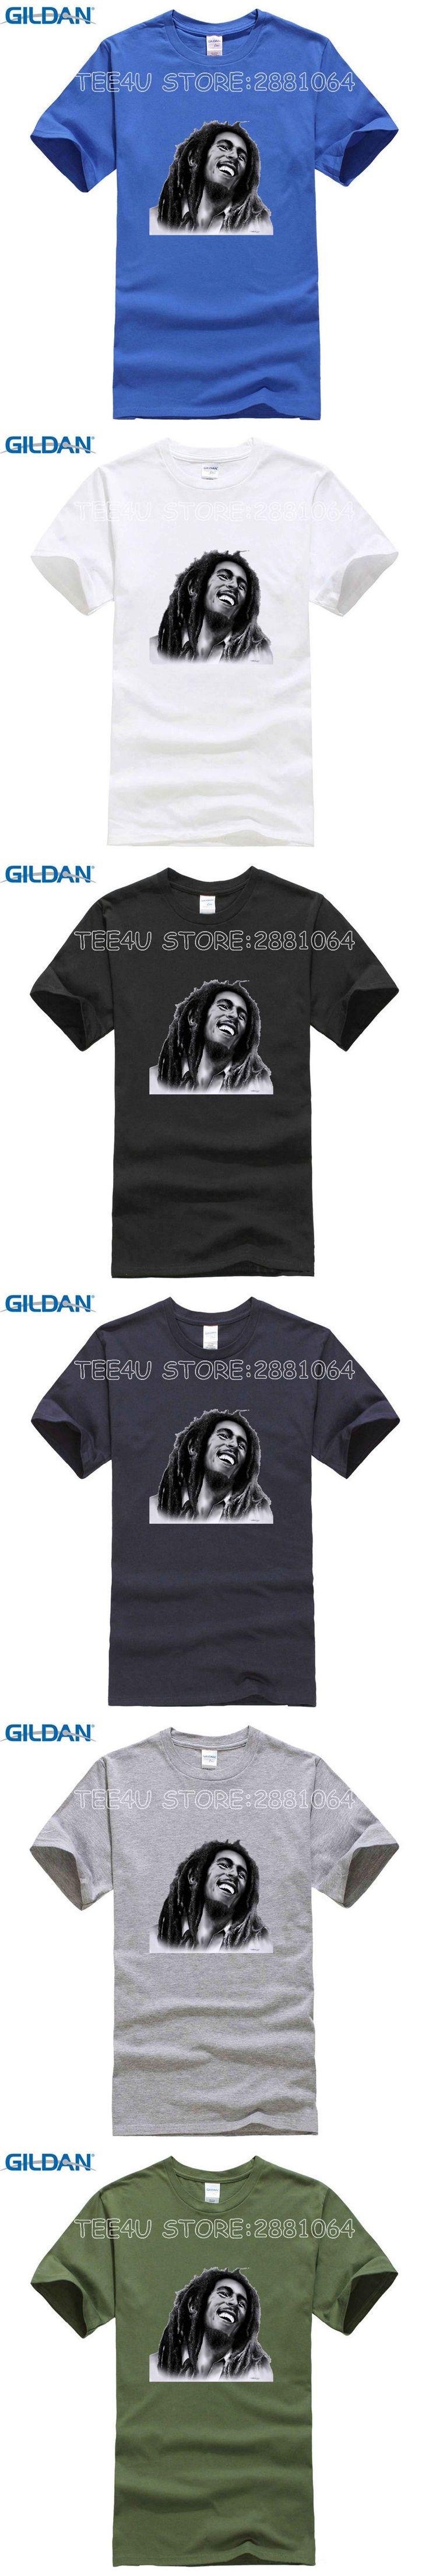 Tee4U Cheap T Shirt Design Short Sleeve Bob Marley Short Sleeve 3D Print Street Hip (2) Short Crew Neck T Shirts For Men